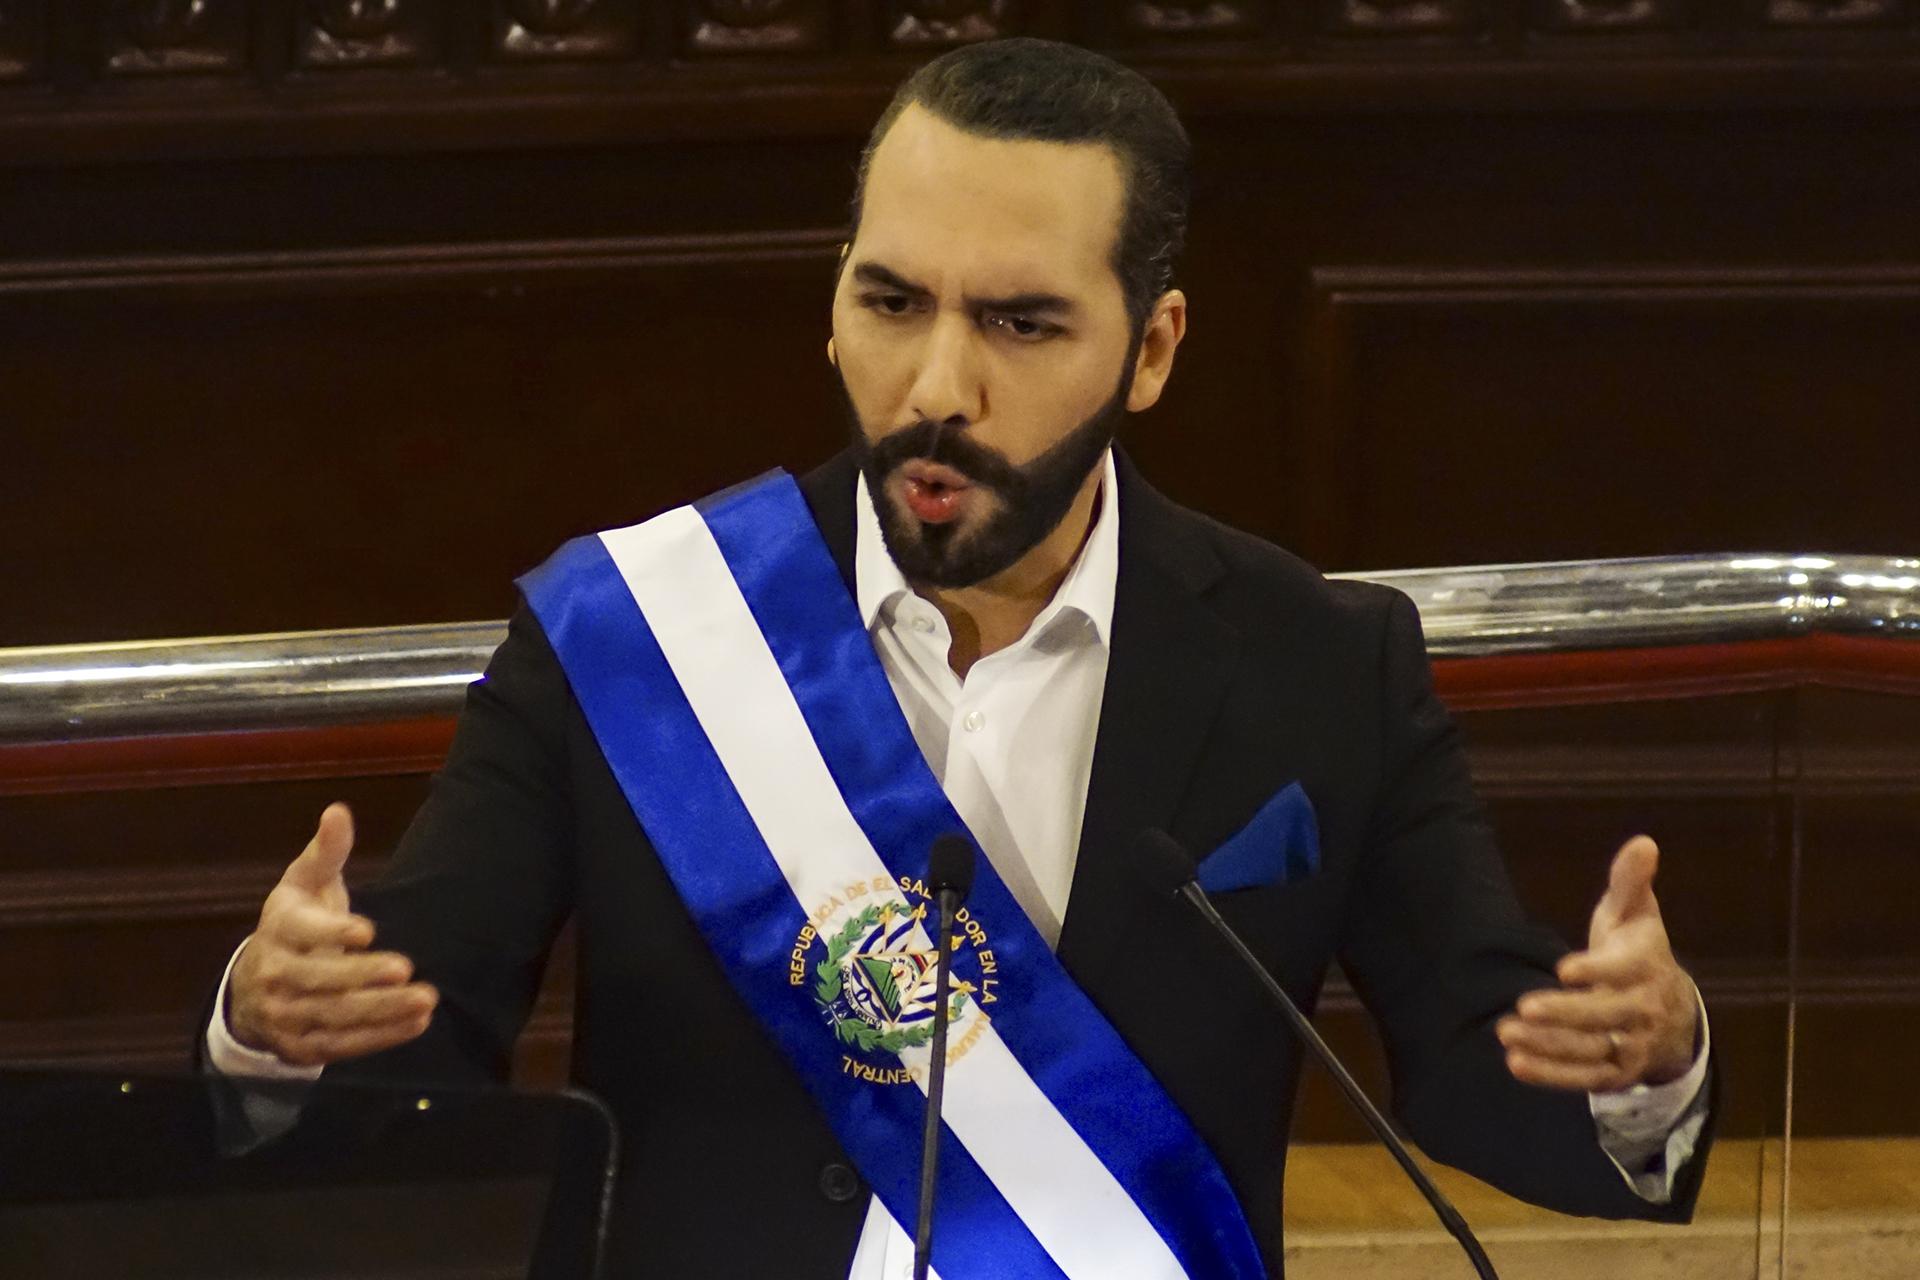 El Salvador's bitcoin experiment has already gone wrong